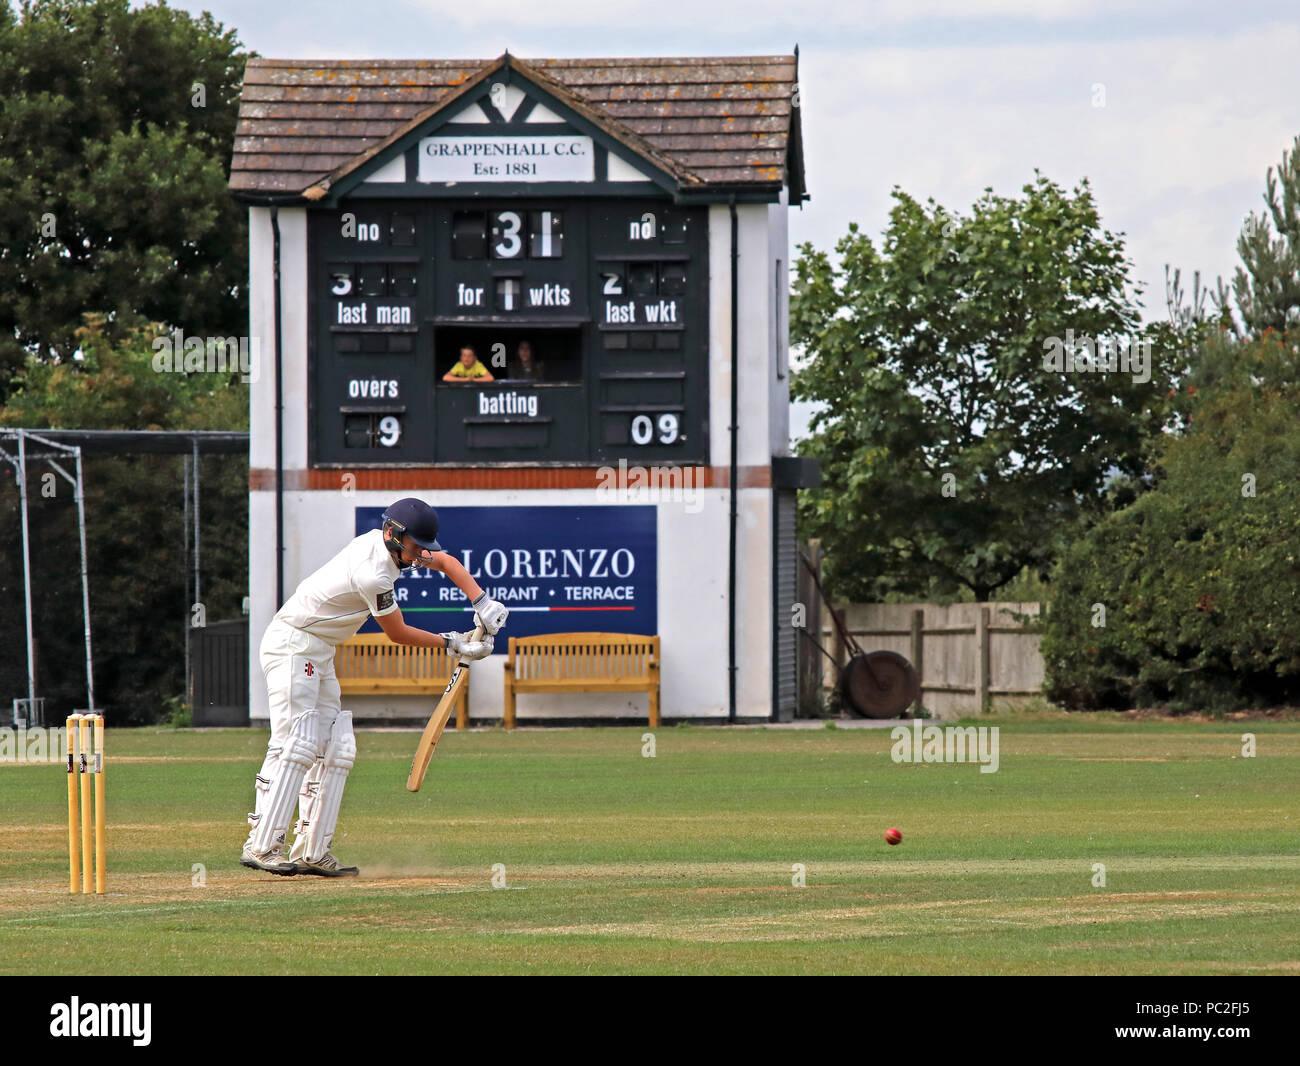 GoTonySmith,@HotpixUK,pitch,field,clubhouse,score